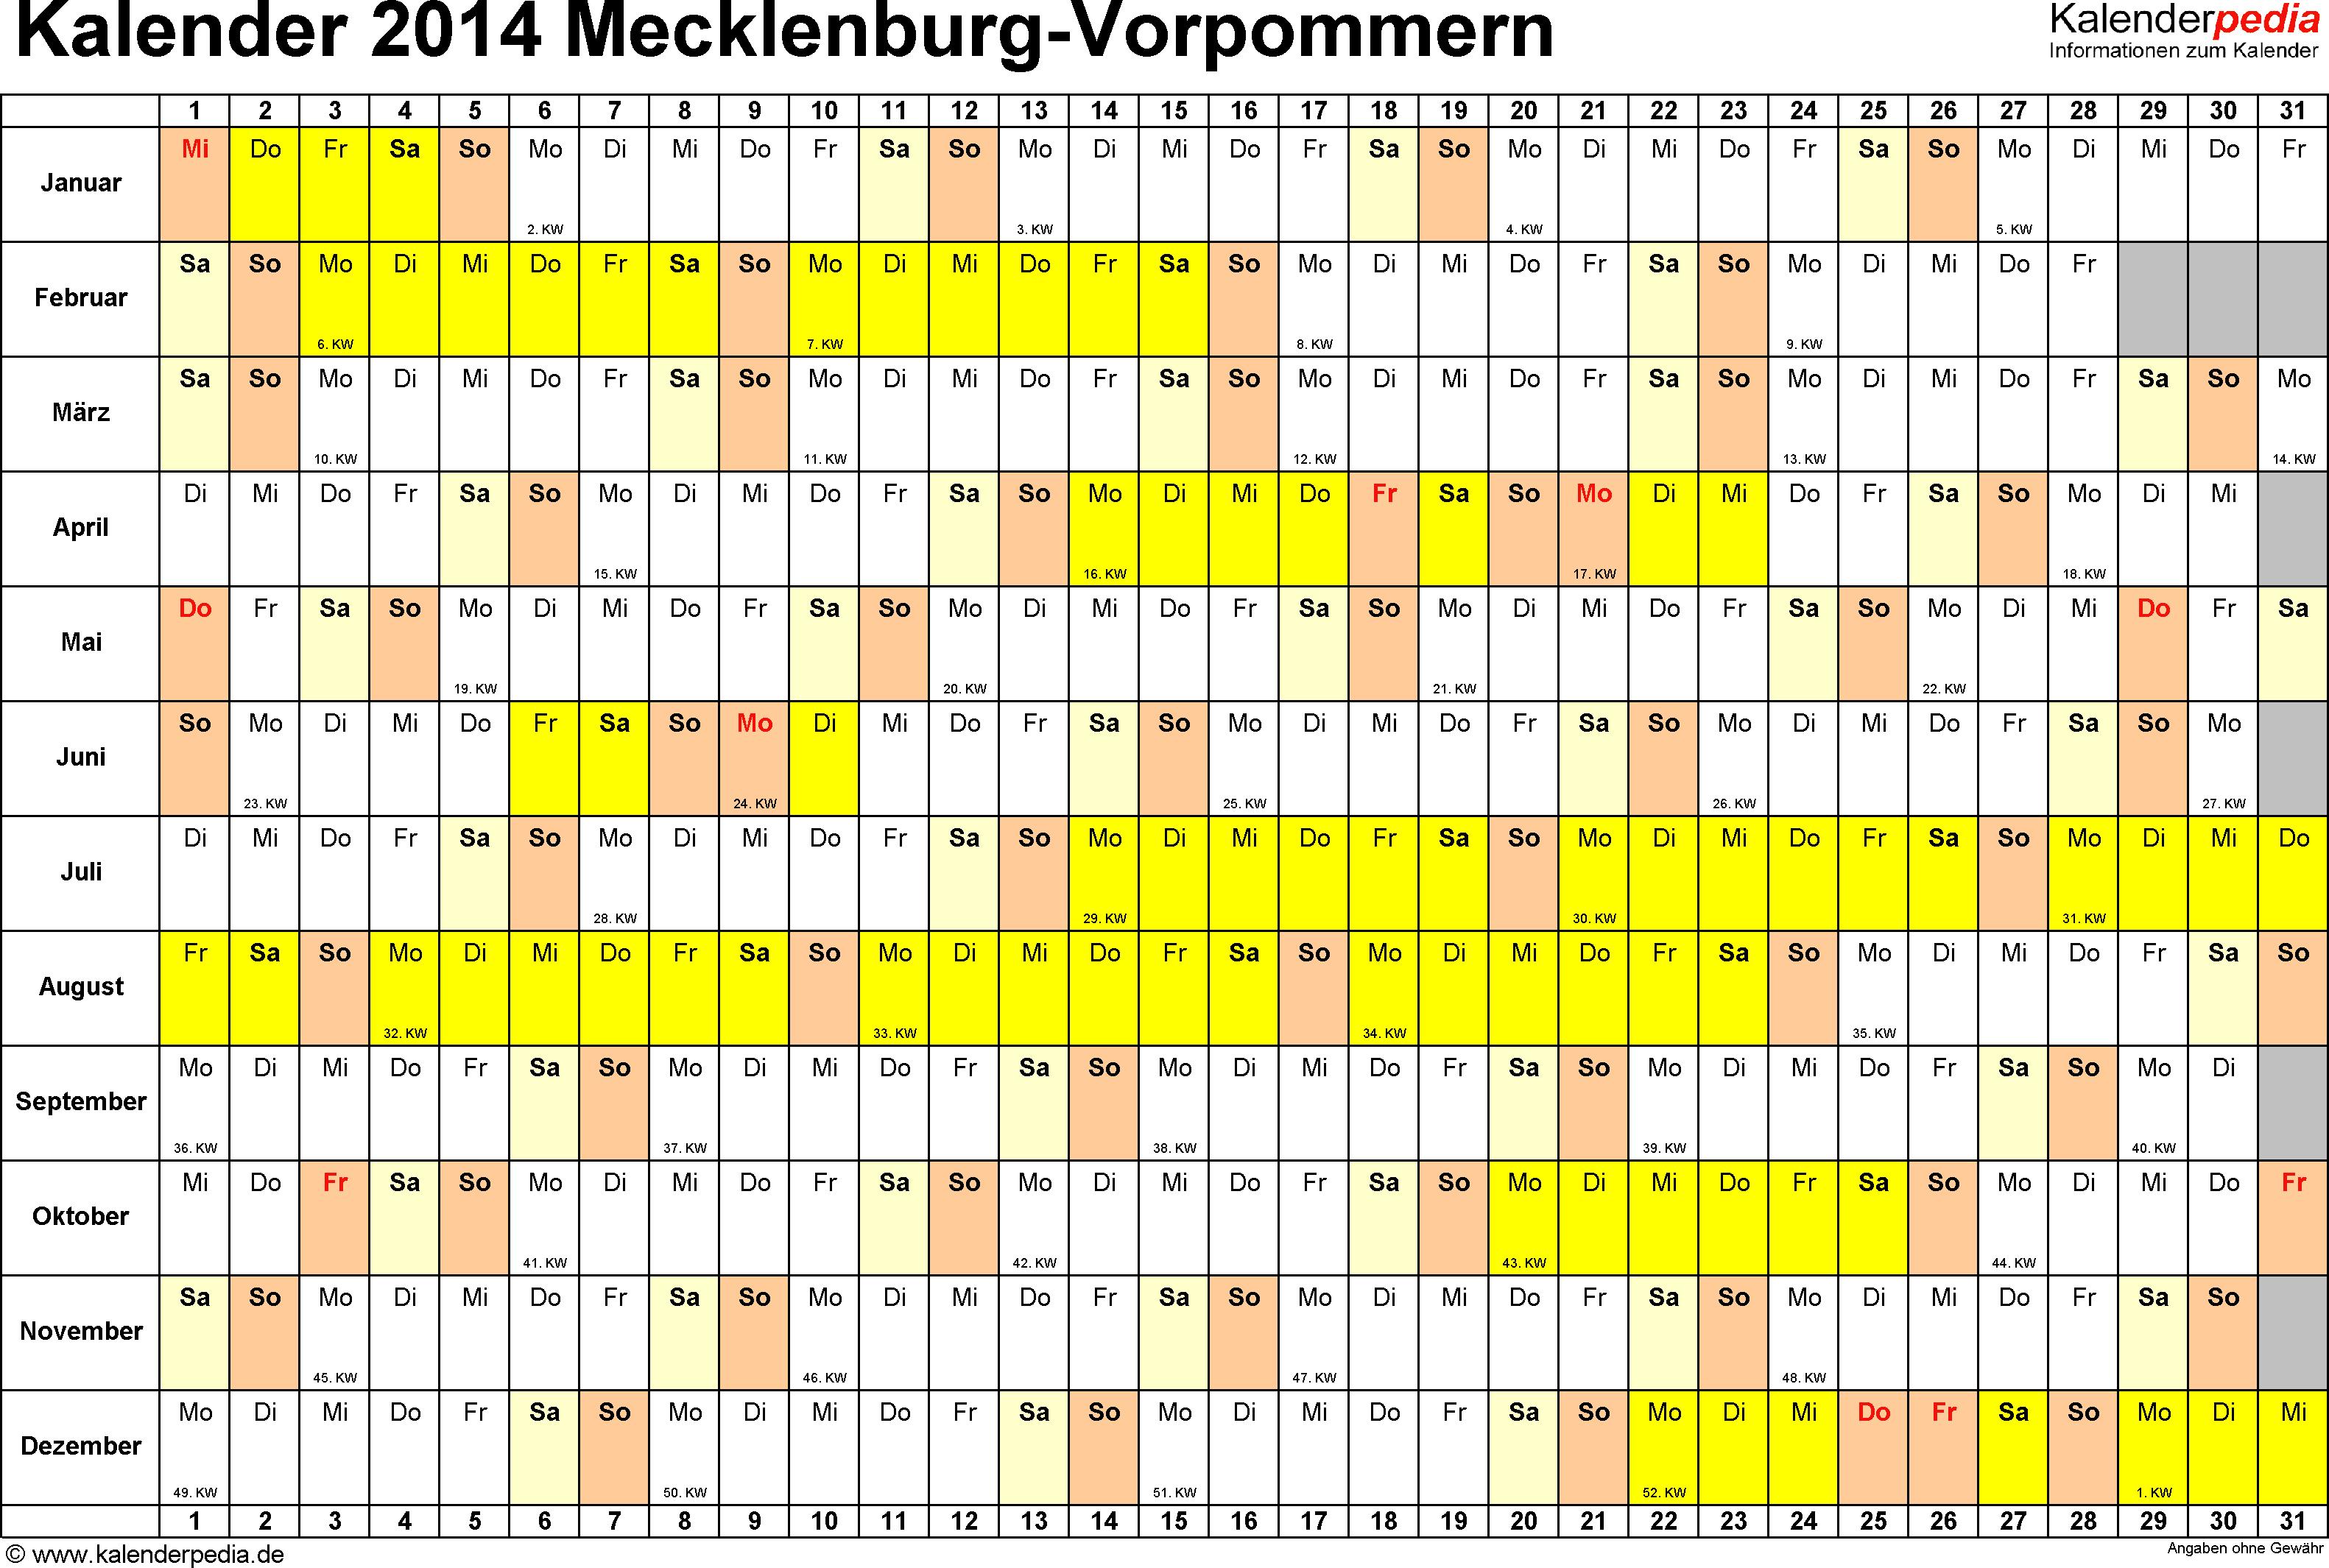 Vorlage 3: Kalender Mecklenburg-Vorpommern 2014 im Querformat, Tage nebeneinander